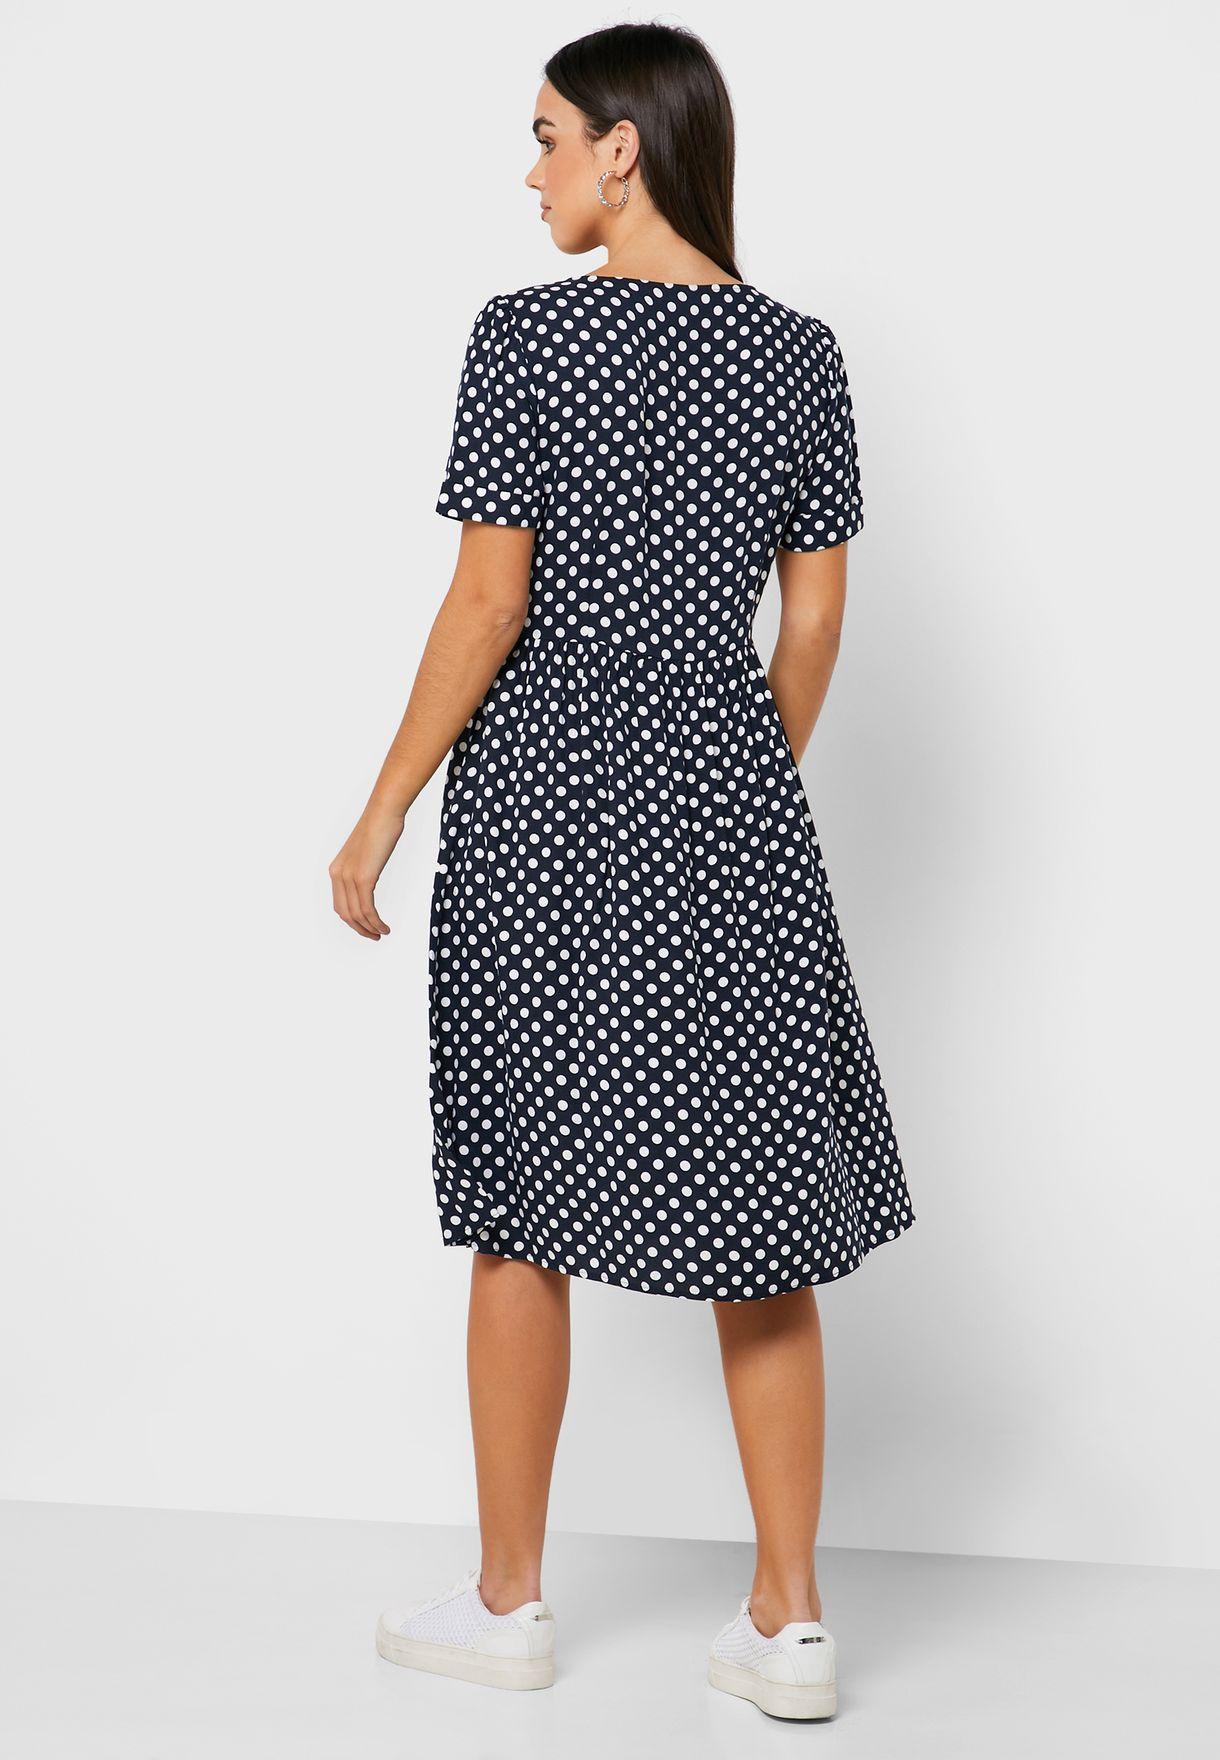 فستان بأزرار امامية وطبعات